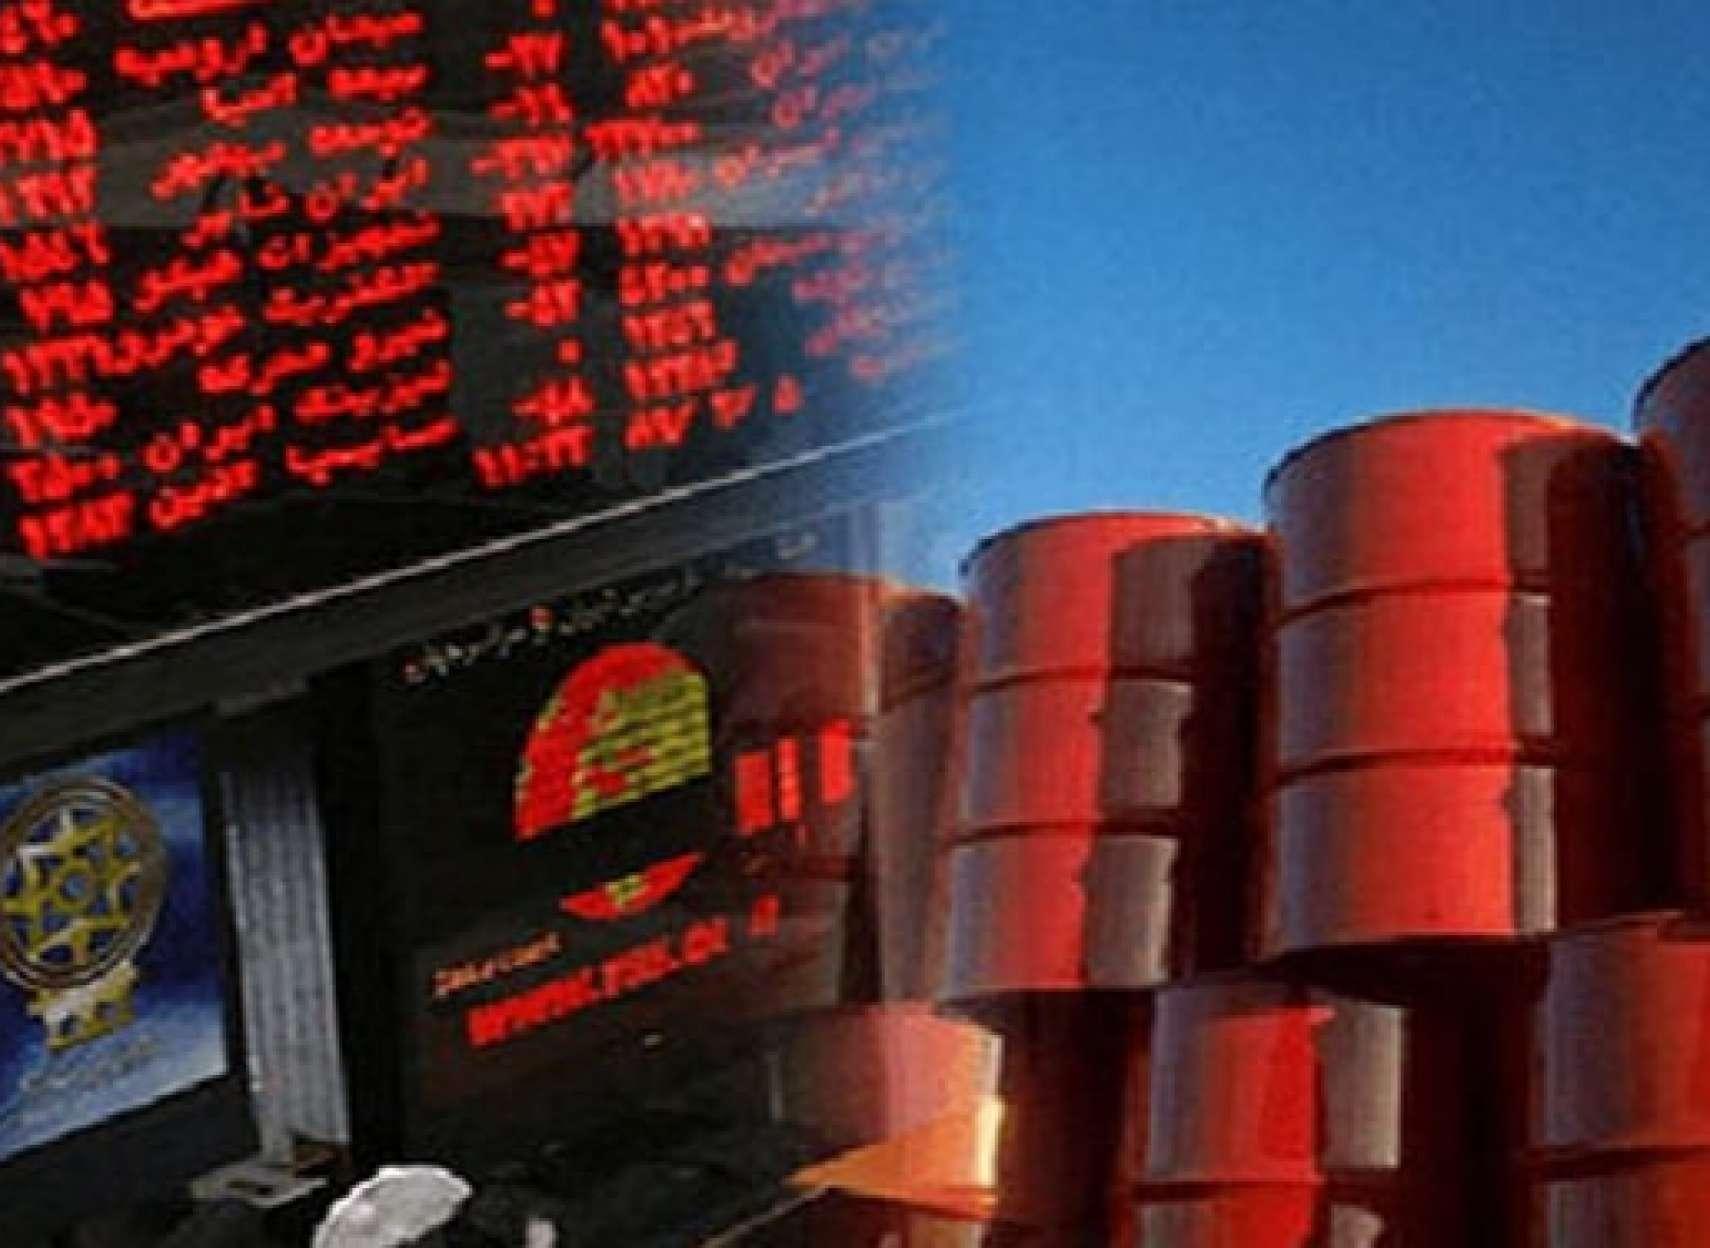 طرح-جمهوری-اسلامی-برای-فروش-نفت-به-مردم-با-هدف-جبران-کسری-بودجه-چالش-های-طرح- چیست